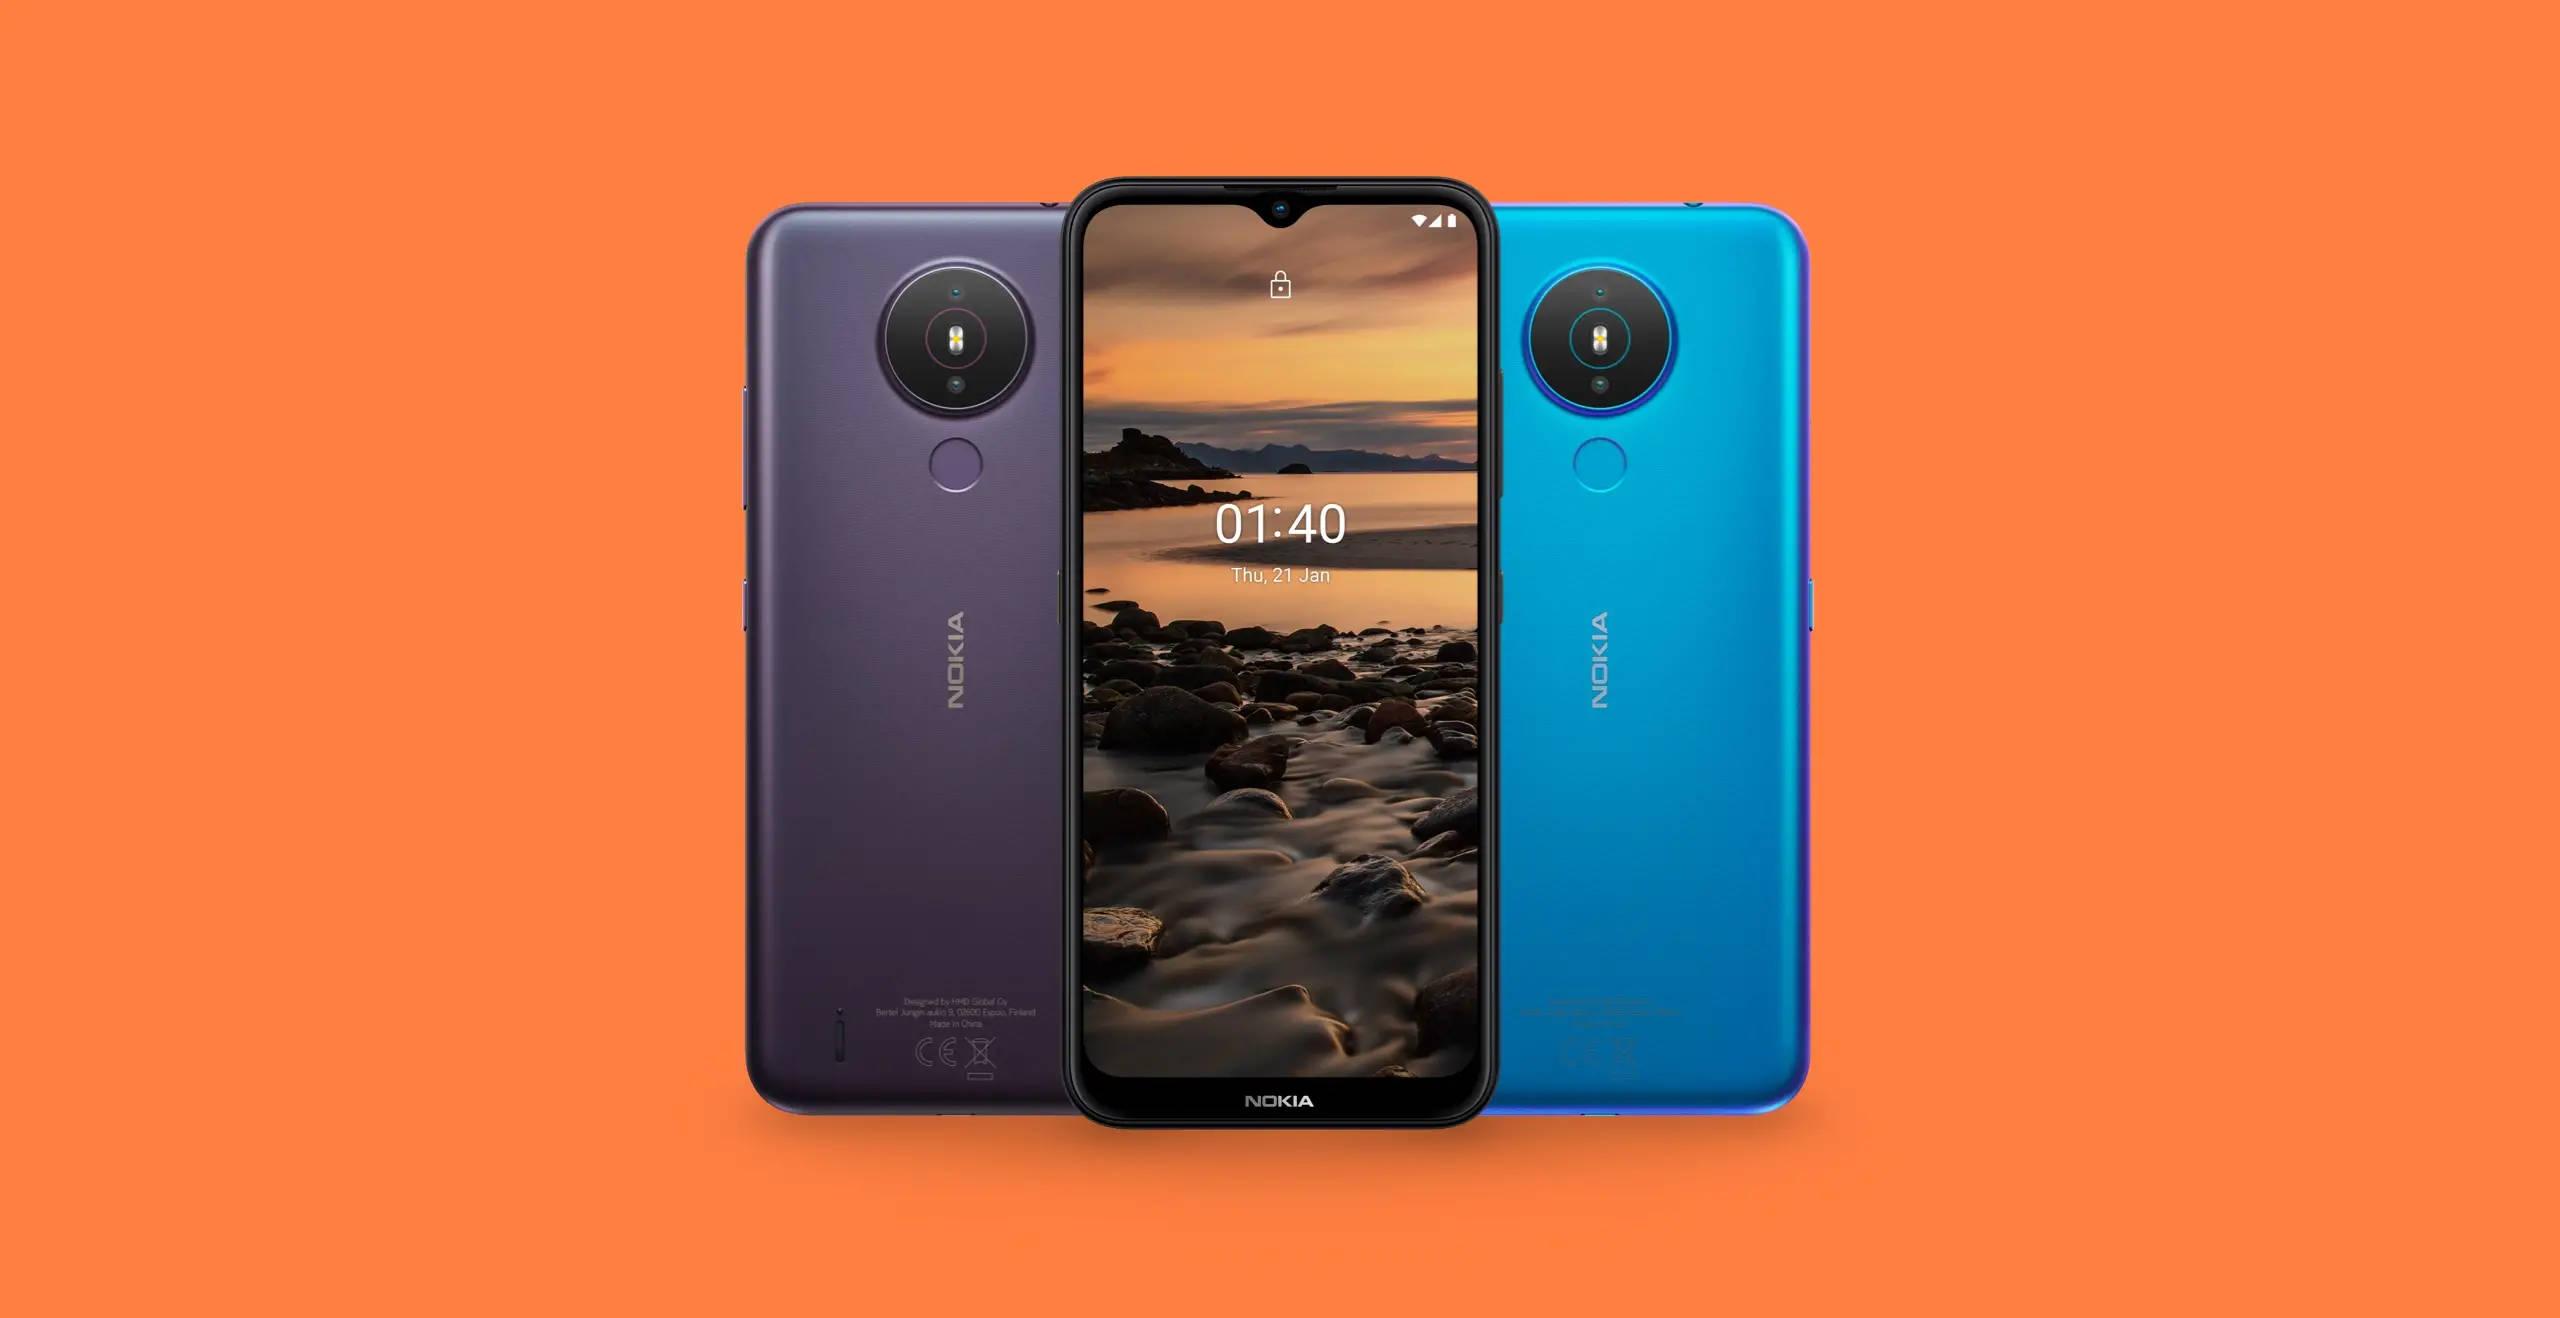 premiera Nokia 1.4 cena specyfikacja techniczna opinie Android 10 Go gdzie kupić najtaniej w Polsce